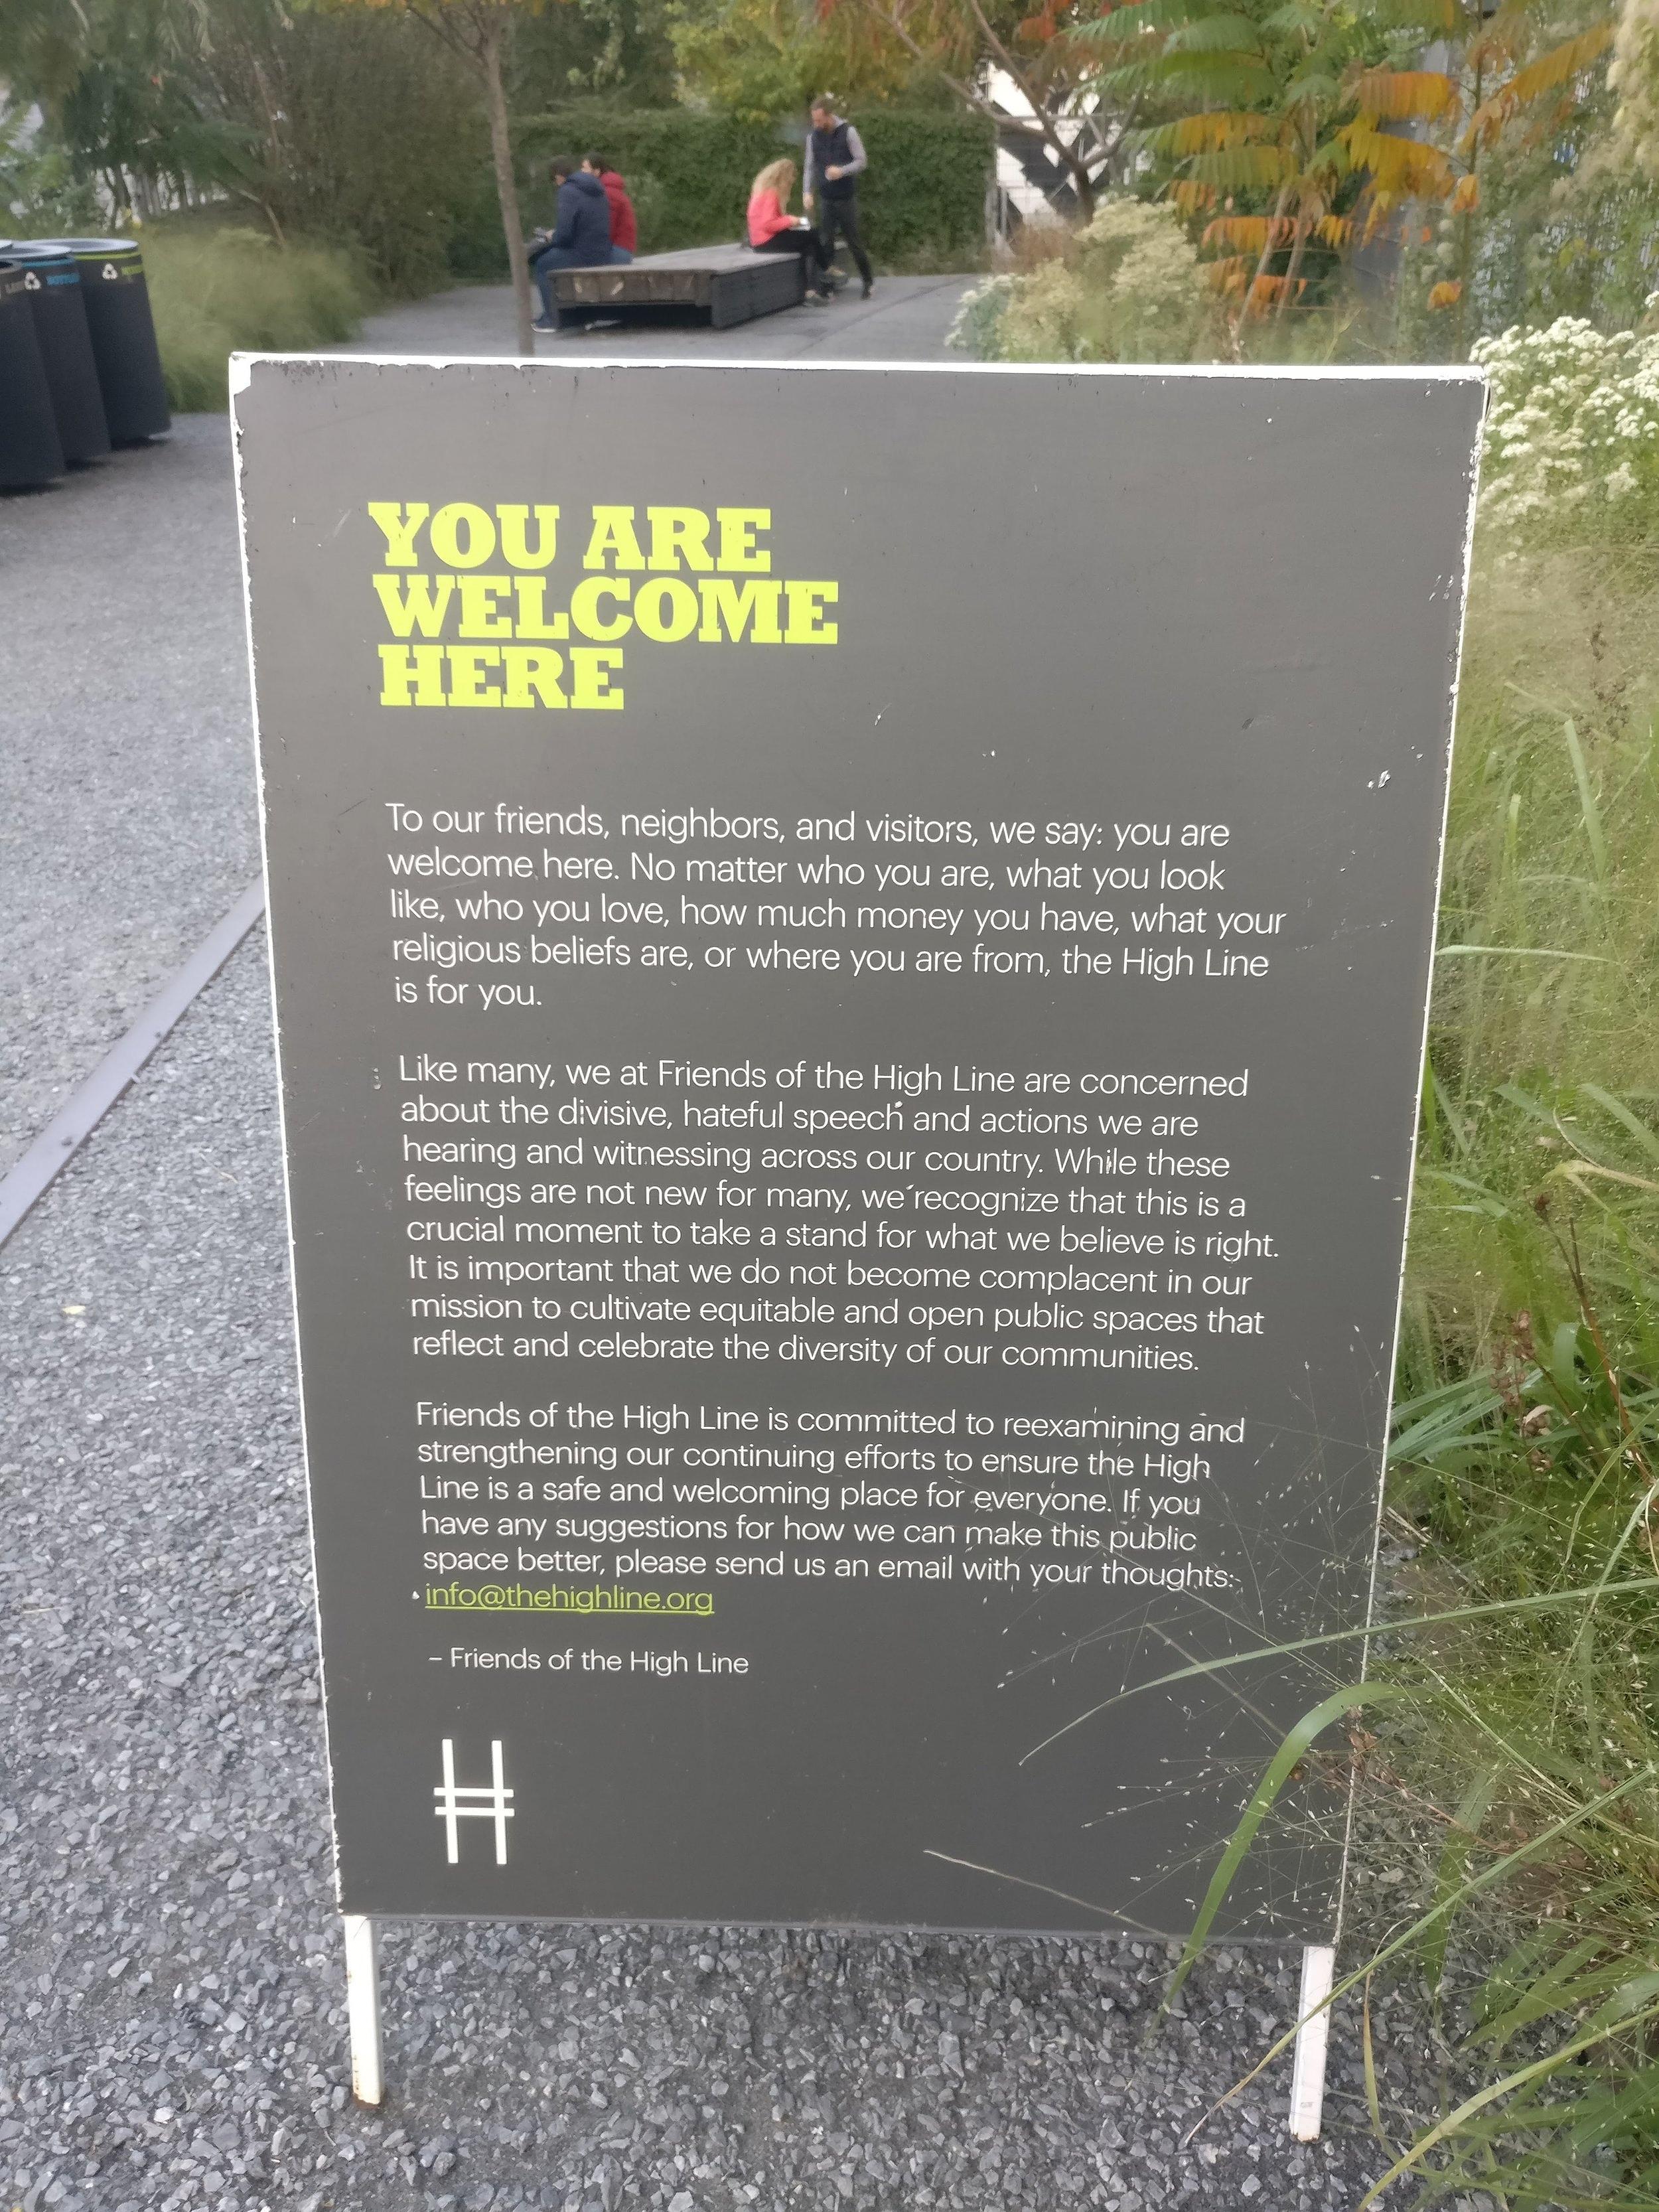 Kyltti high Linen alussa pyrkii korostamaan tilan olevan avoin kaikille. Kyltin olemassaolo paljastaa osalla ihmisistä olevan päinvastainen kokemus.